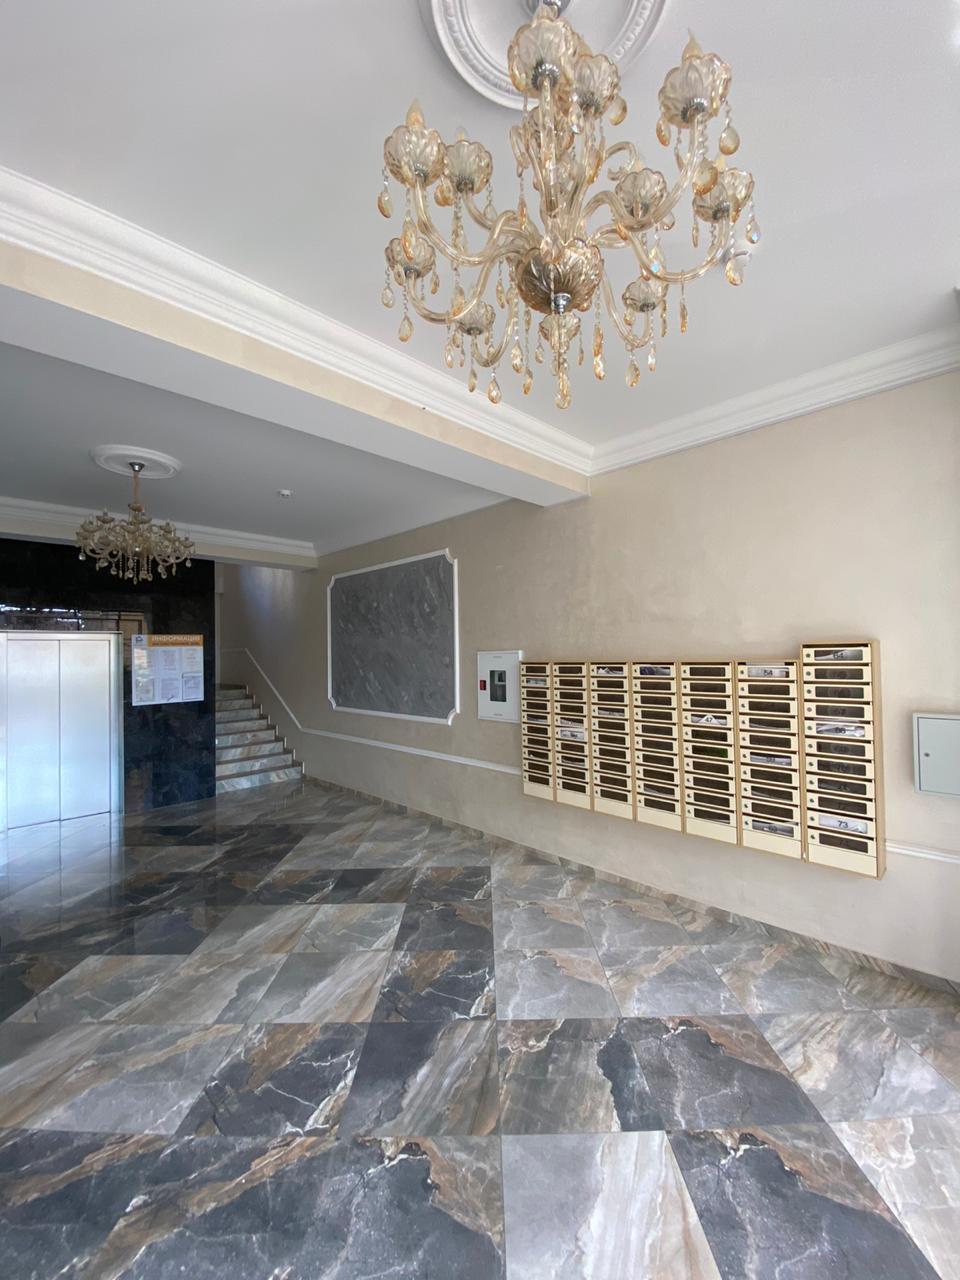 Продам - Продам -Пятигорская - цена: 5500000